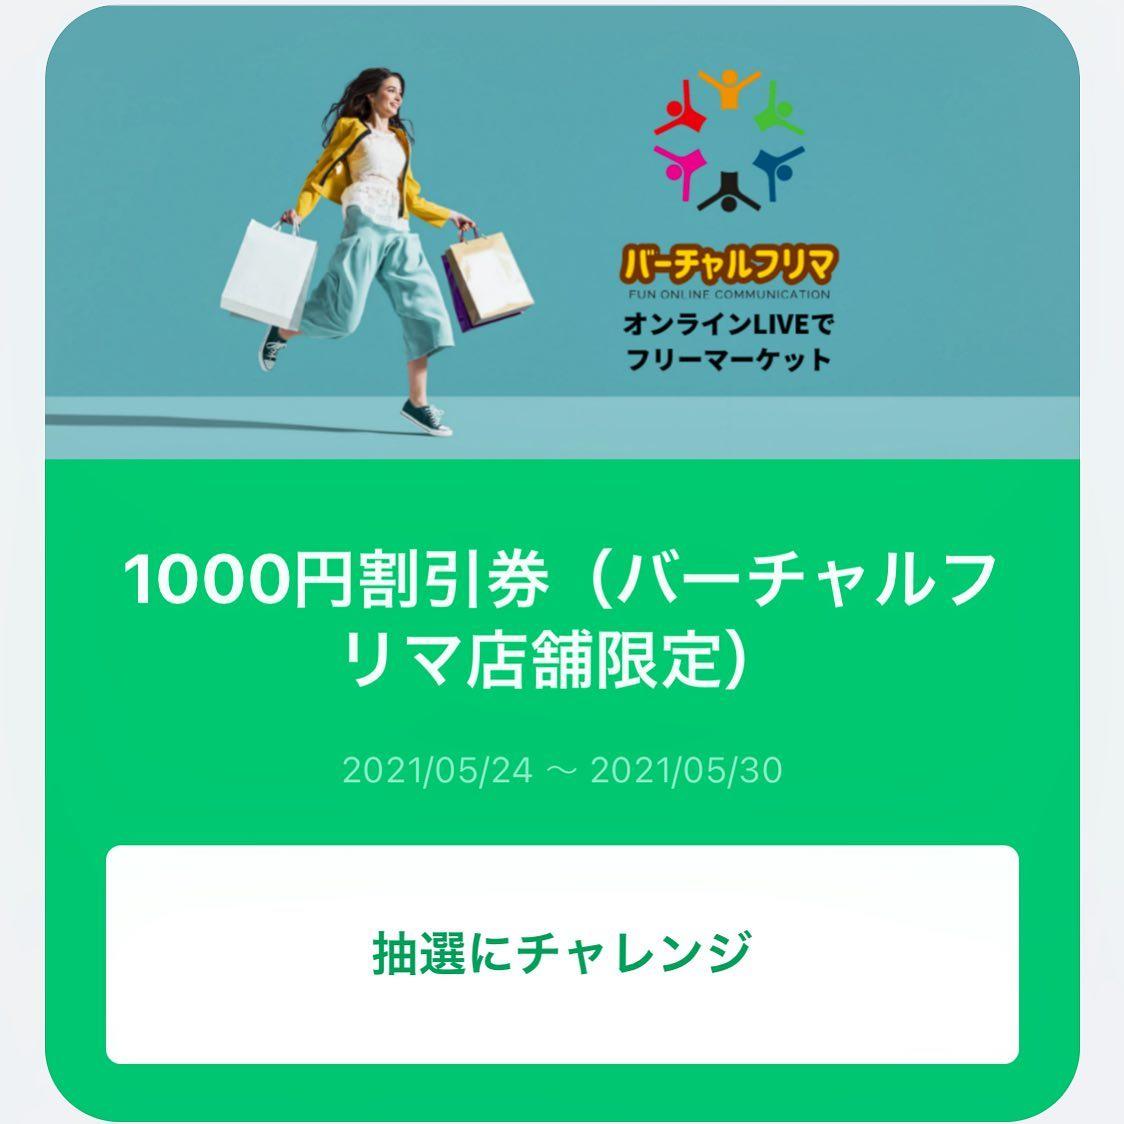 「とてもお得」バーチャルフリマに参加して頂くと1000円割引クーポンがついてきます。